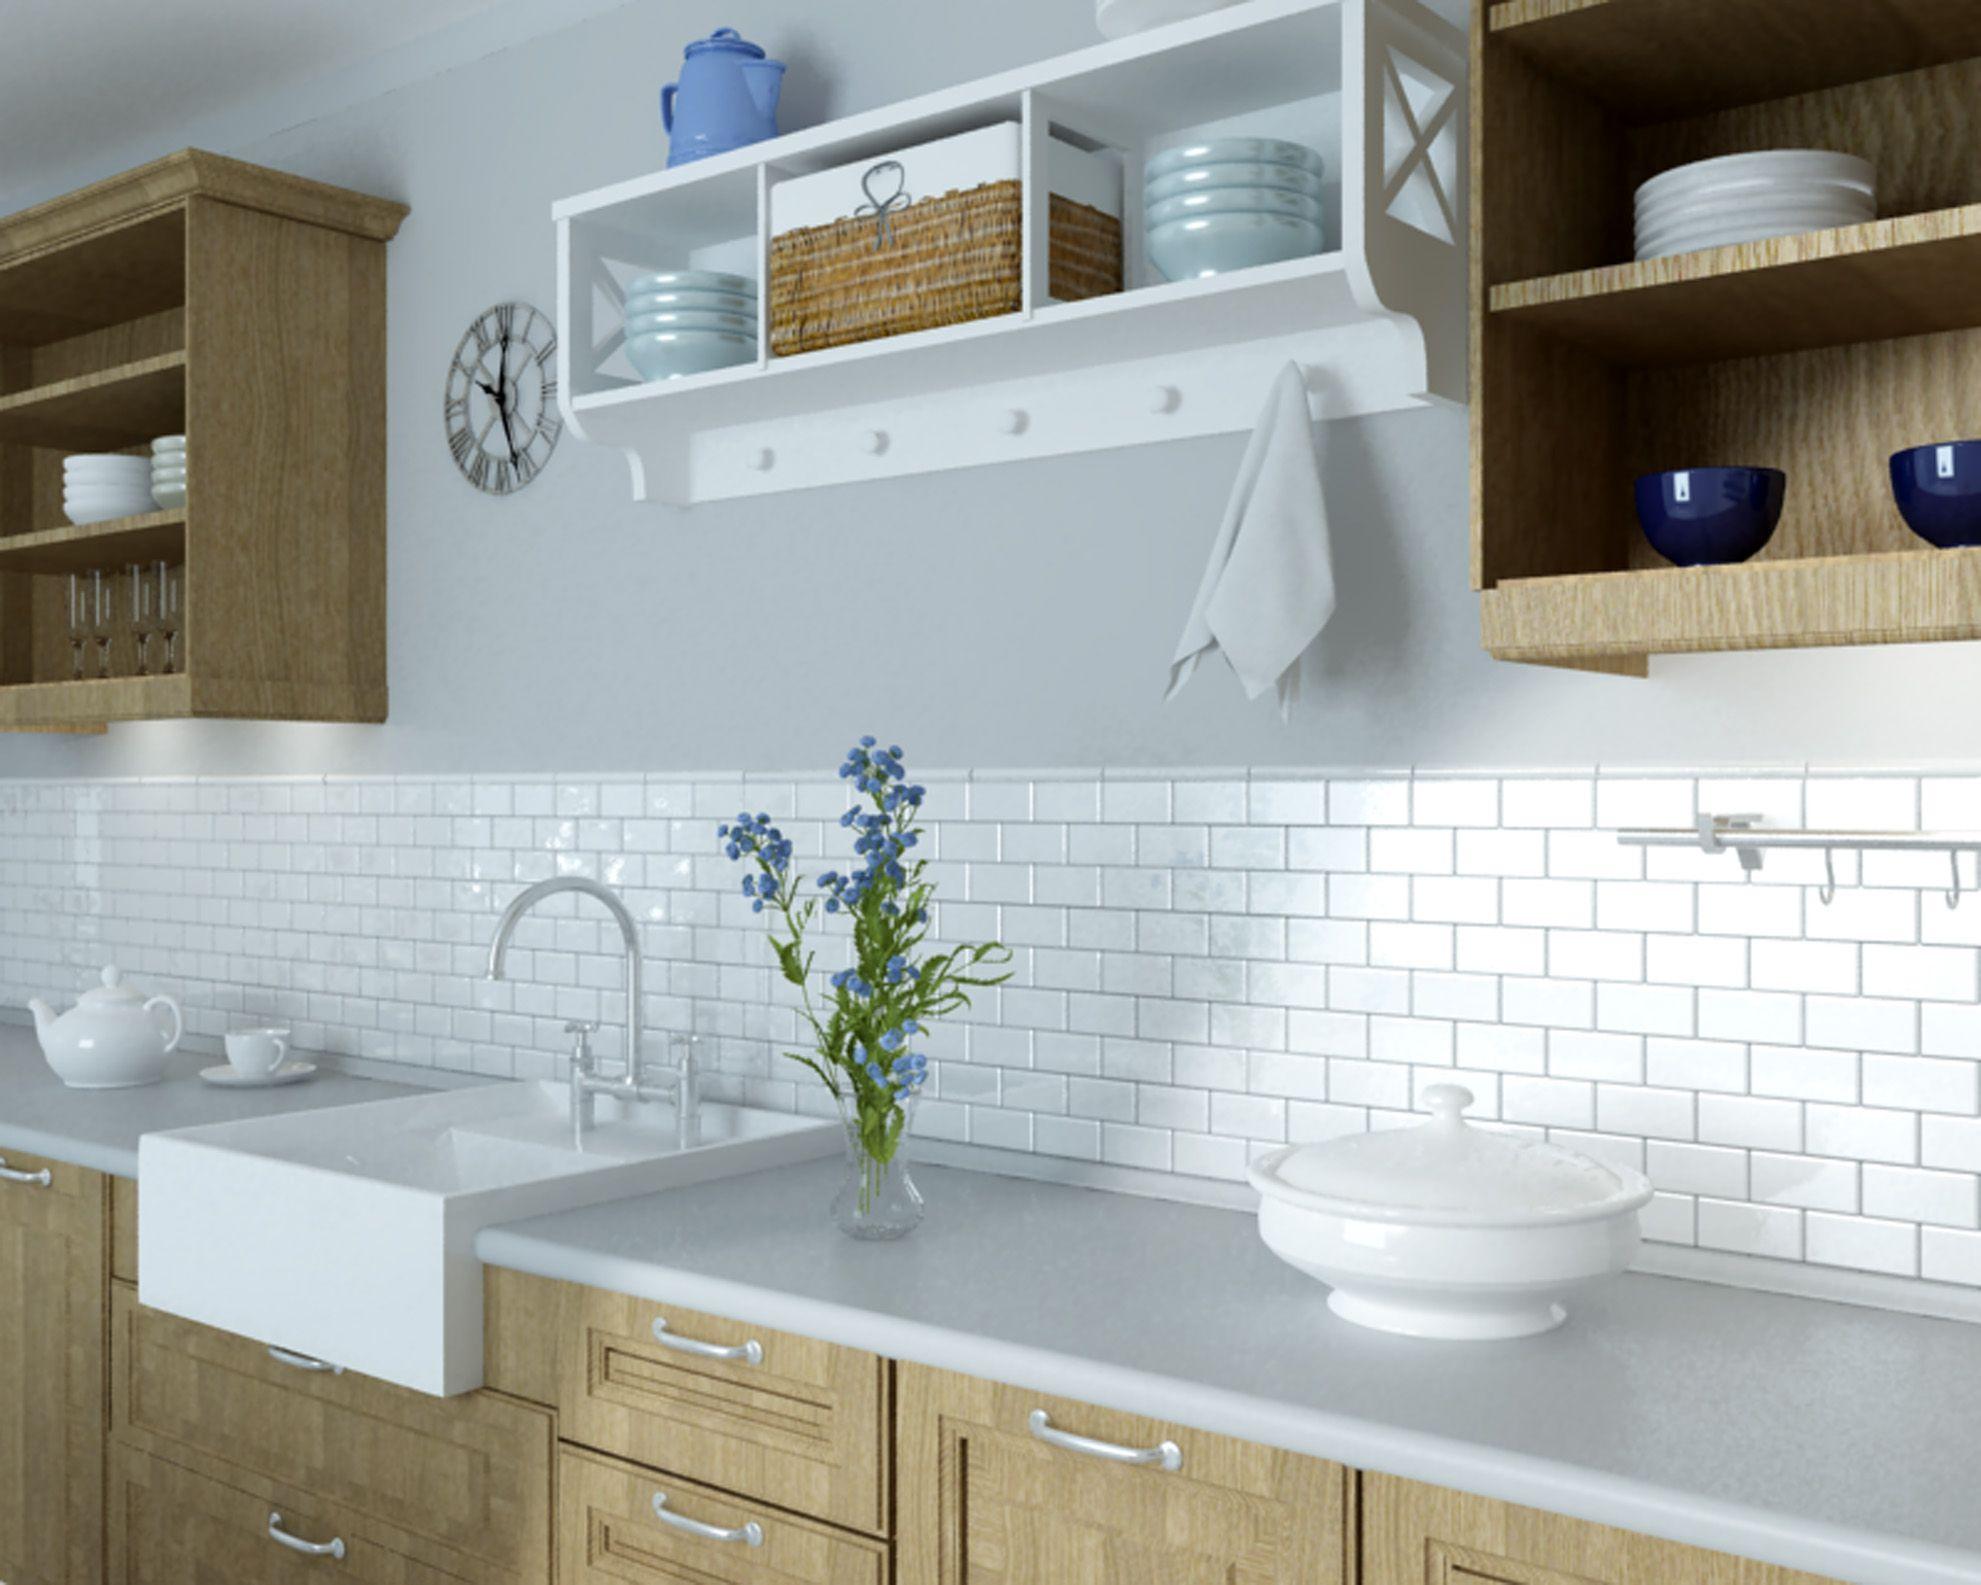 Cegielki Cerkolor Ceramika Dekoracje Ceramiczne Plytka Plytki Ceramiczne Kitchen Design Dream Kitchen Interior